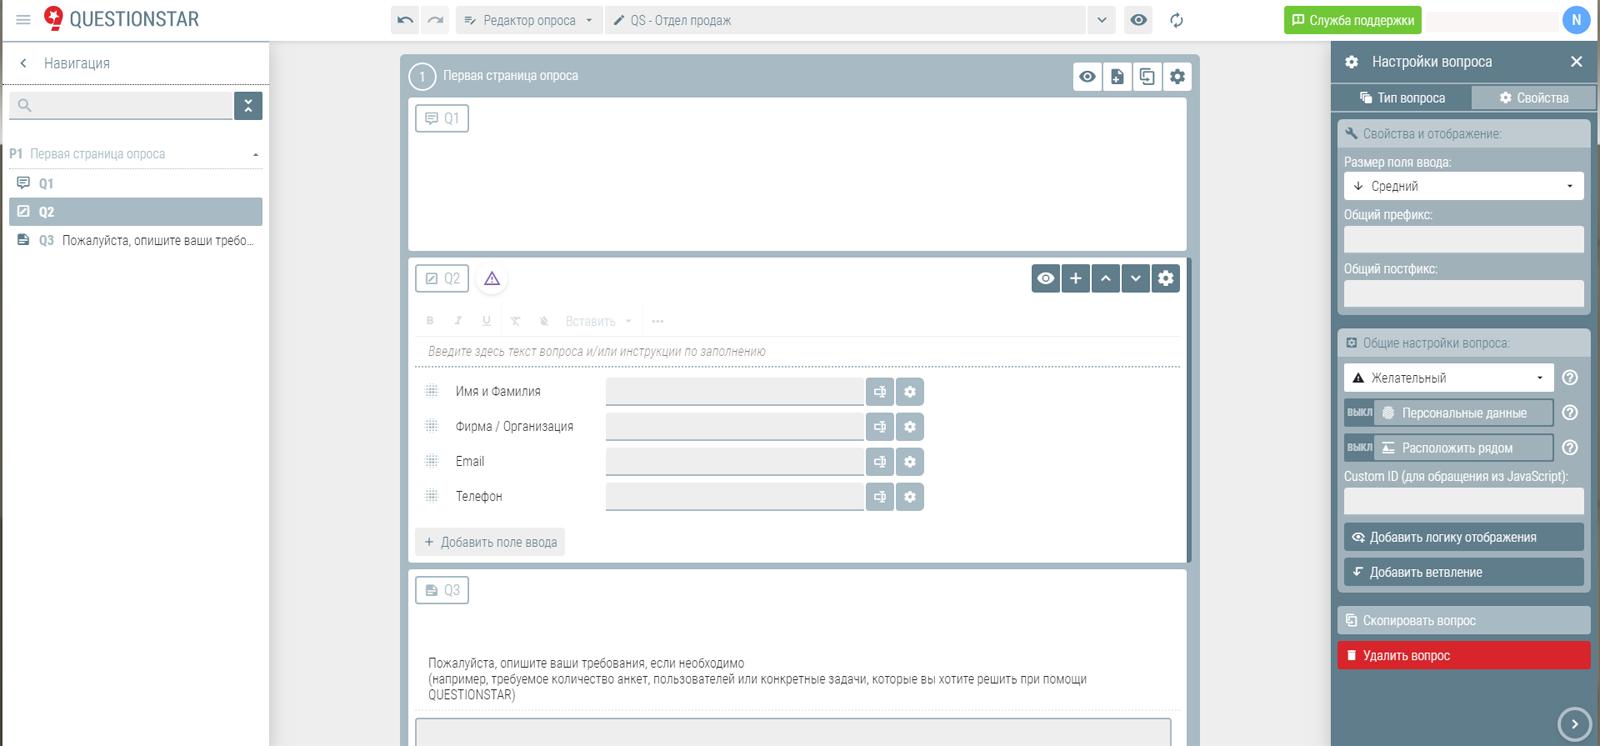 QUESTIONSTAR самый функциональный сервис онлайн-опросов